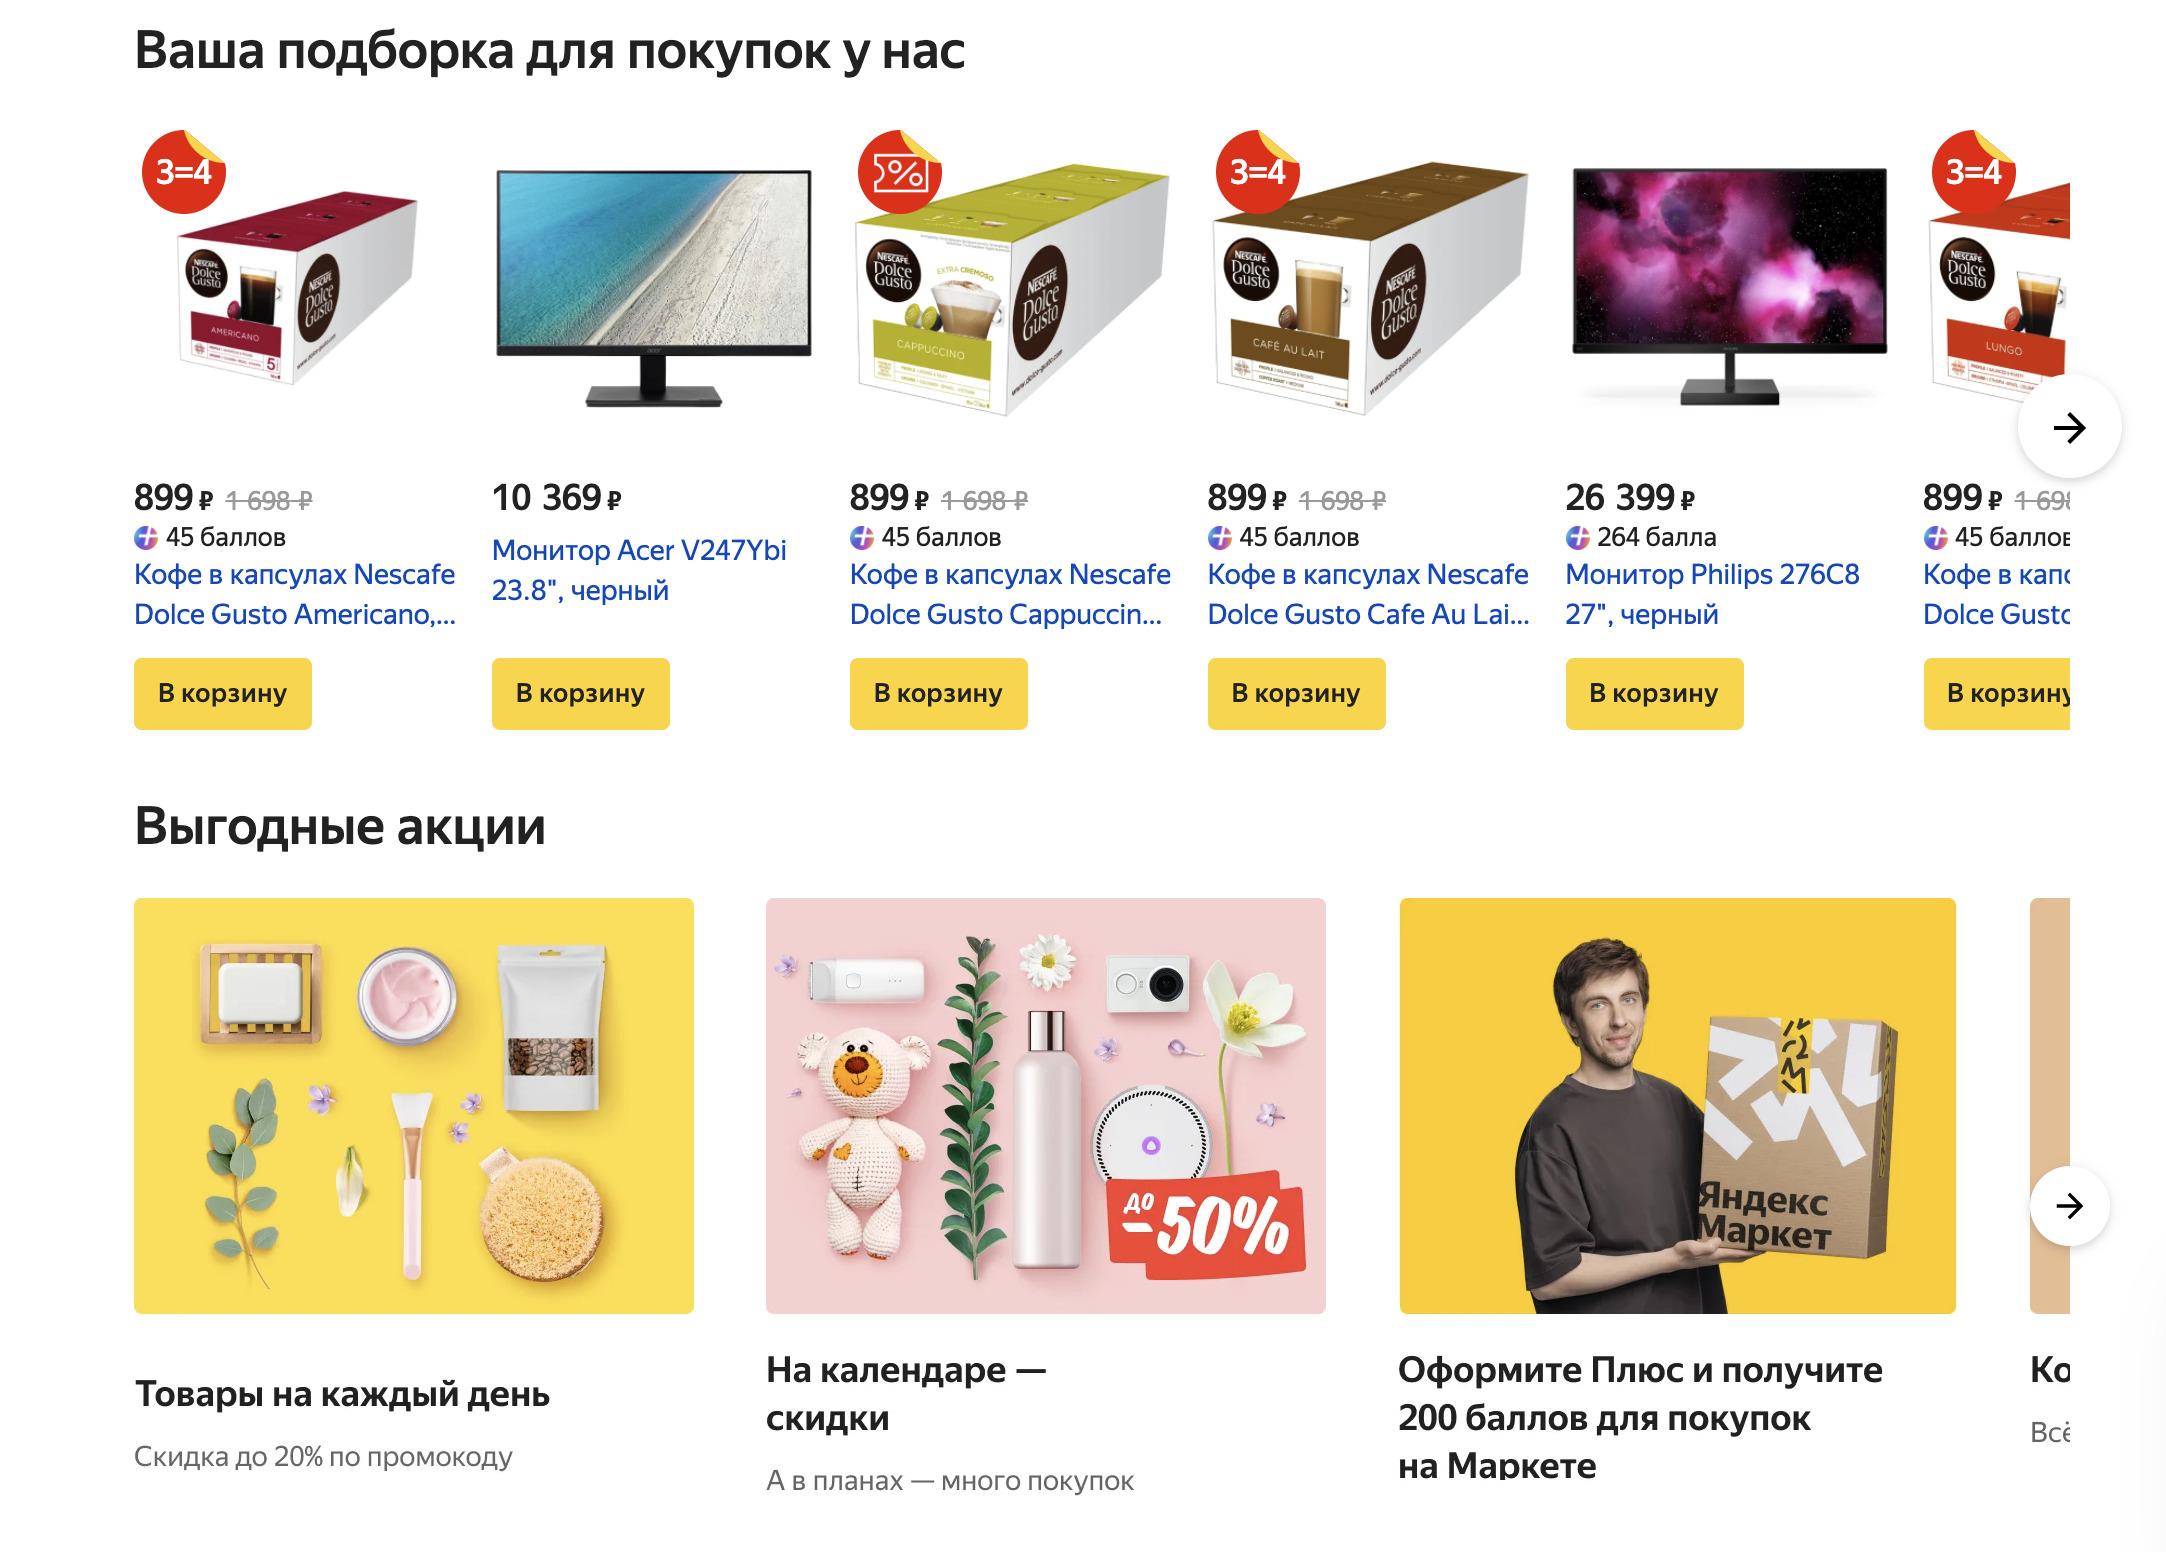 Доставка из Яндекс.Маркет в Шахты, сроки, пункты выдачи, каталог